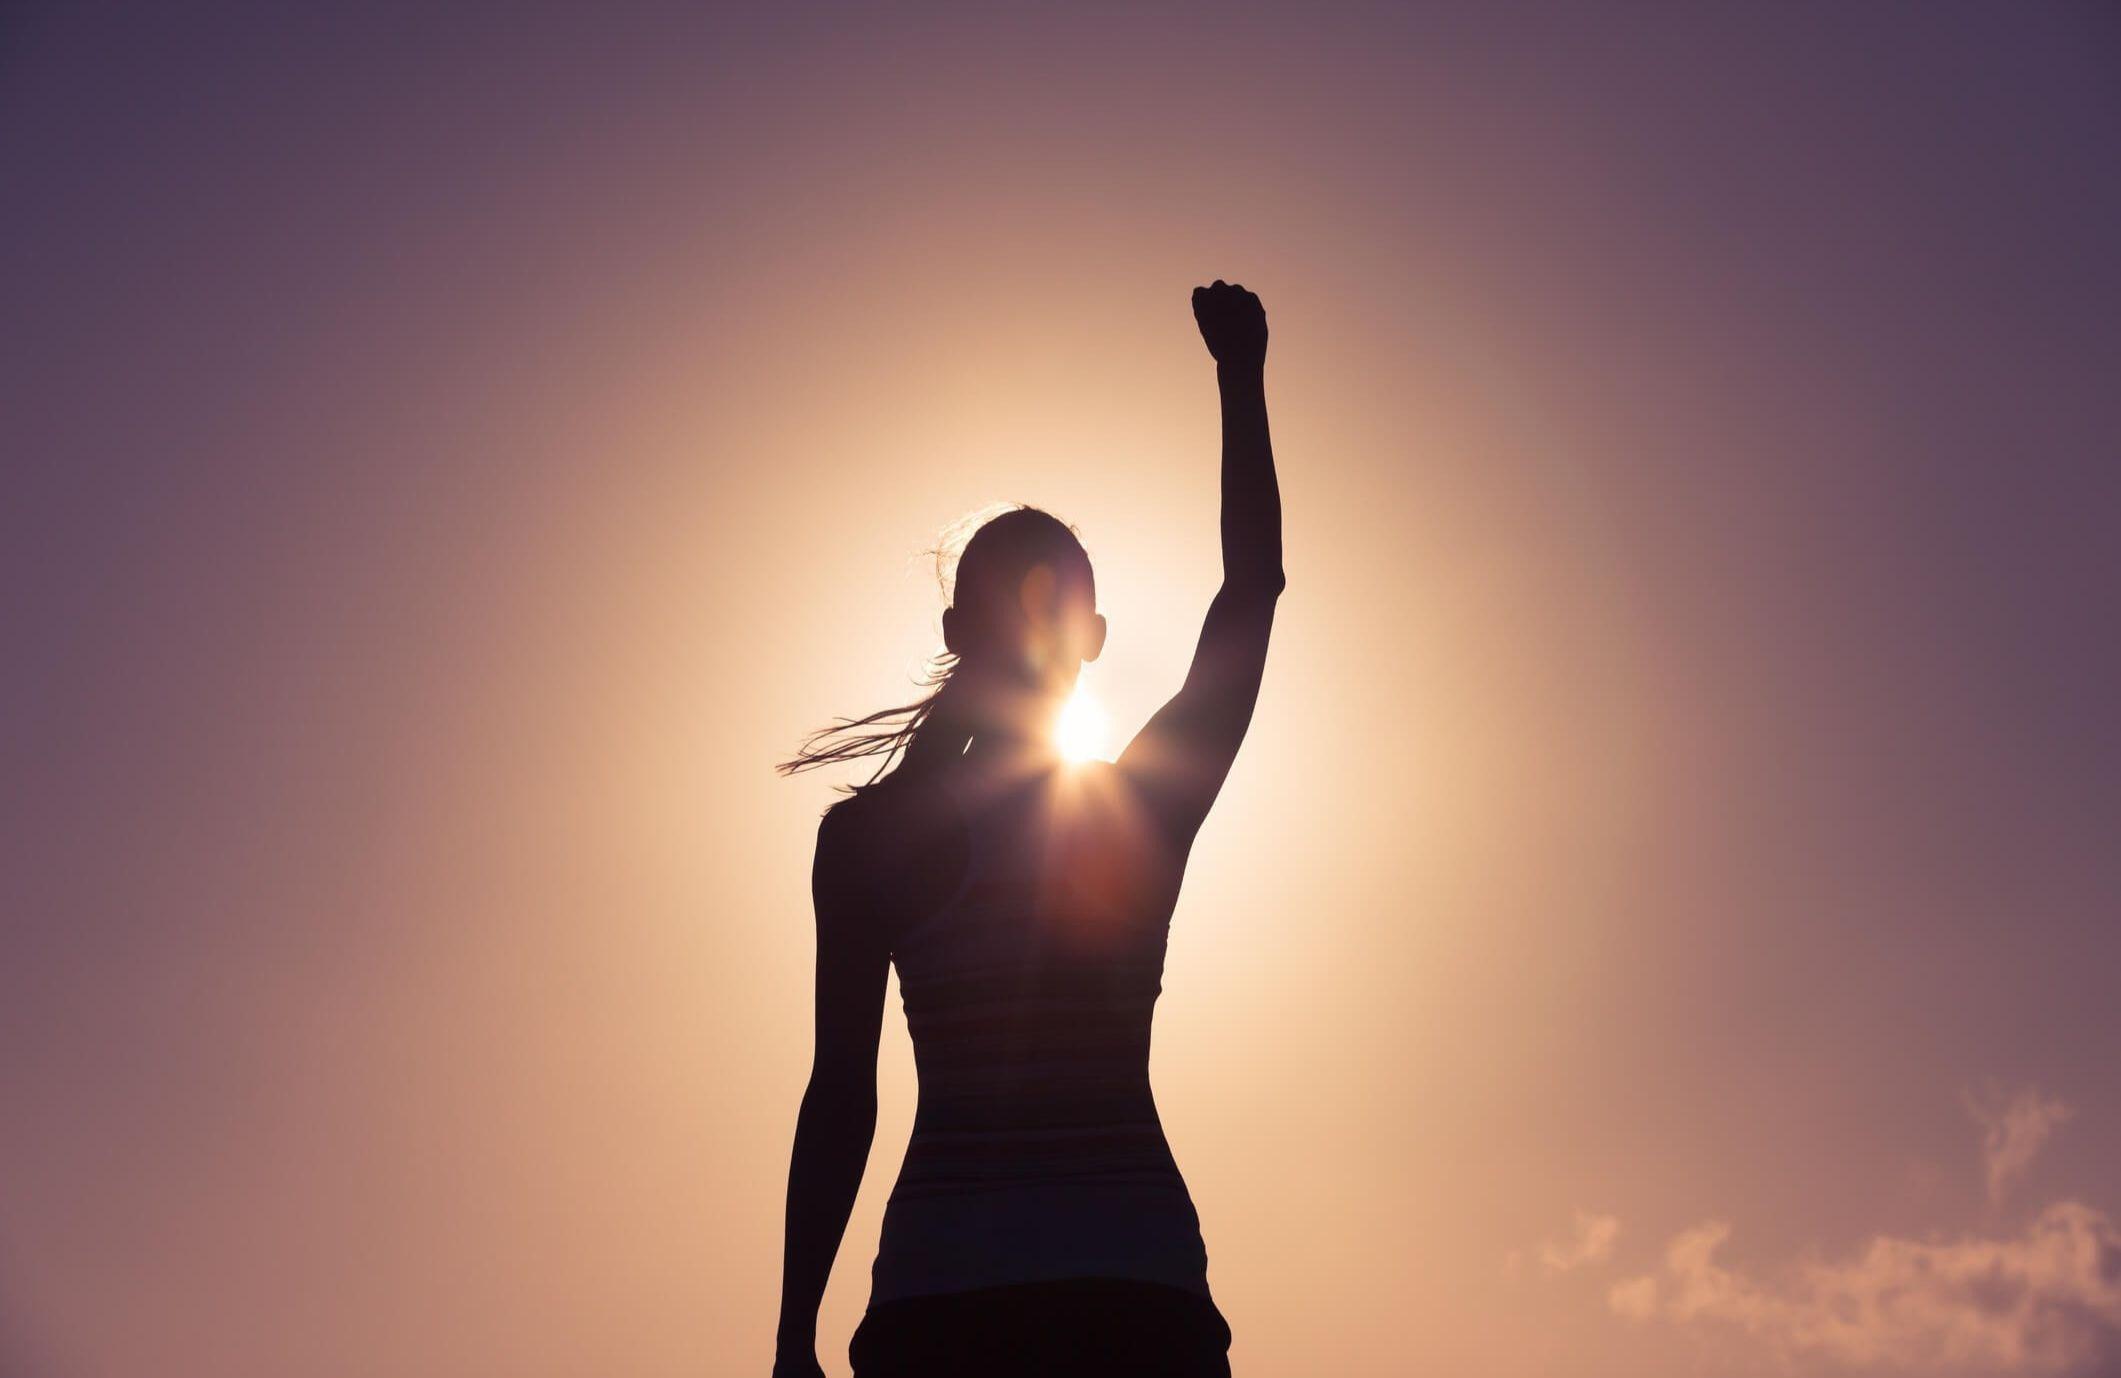 Hãy luôn làm việc tốt vì chính bản thân bạn | Thông điện đến từ TƯƠNG LAI -  message world